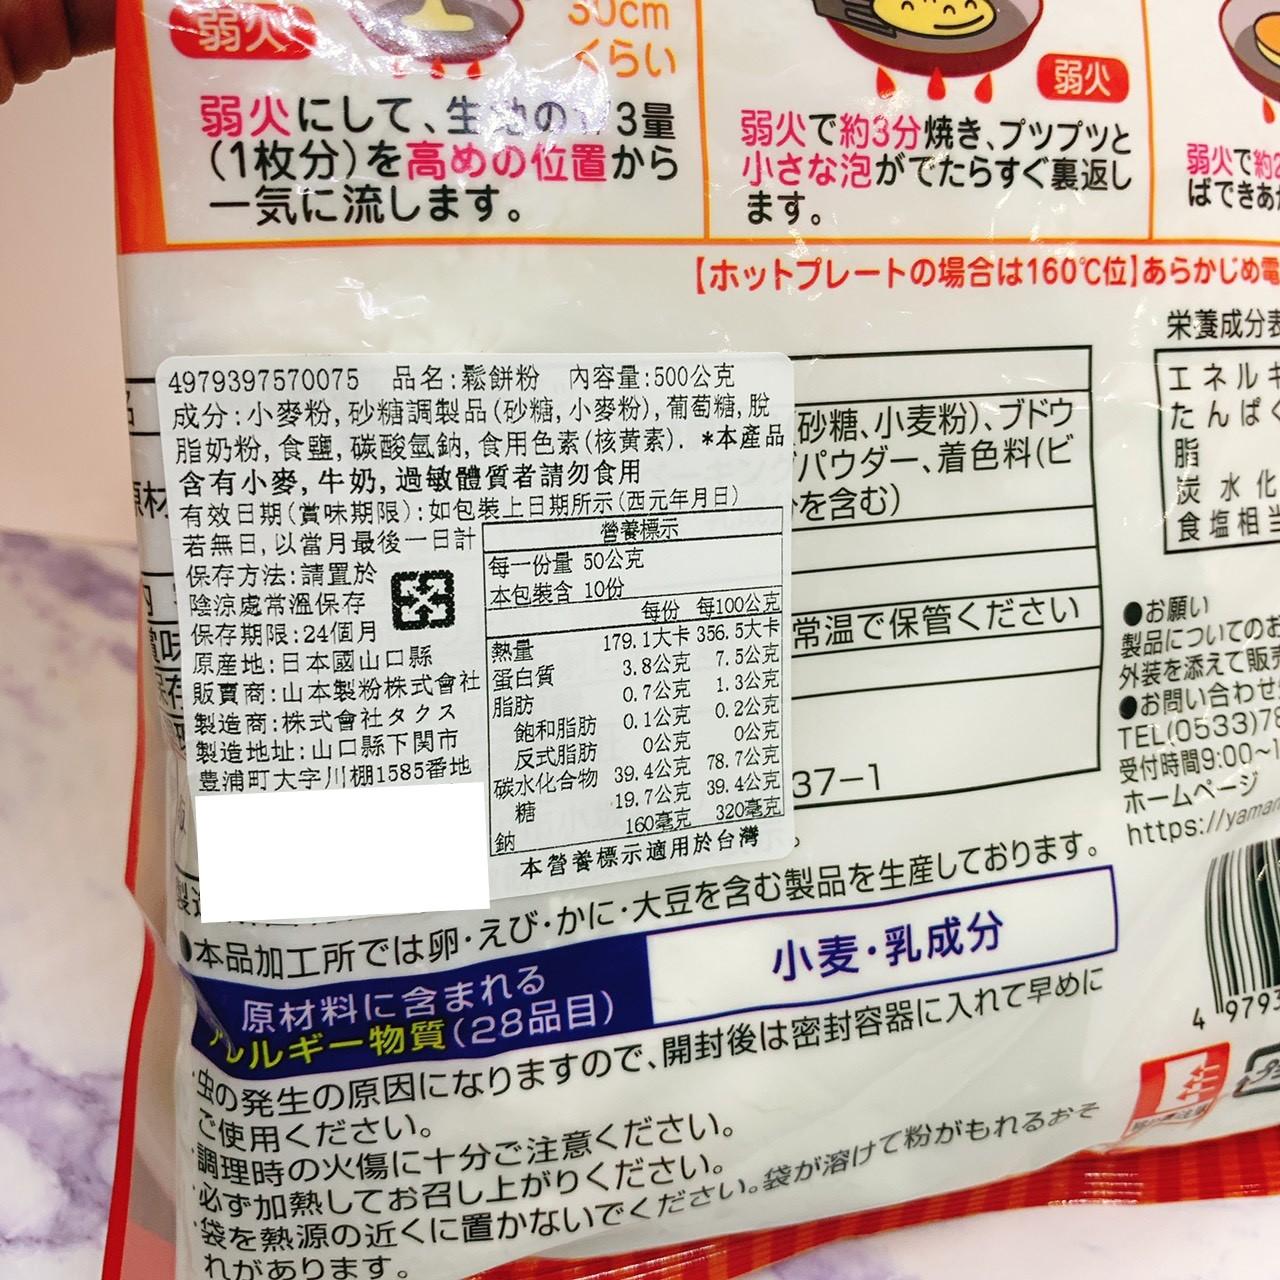 山本製粉 鬆餅粉 500g/包 德用鬆餅粉 夾鏈袋包裝